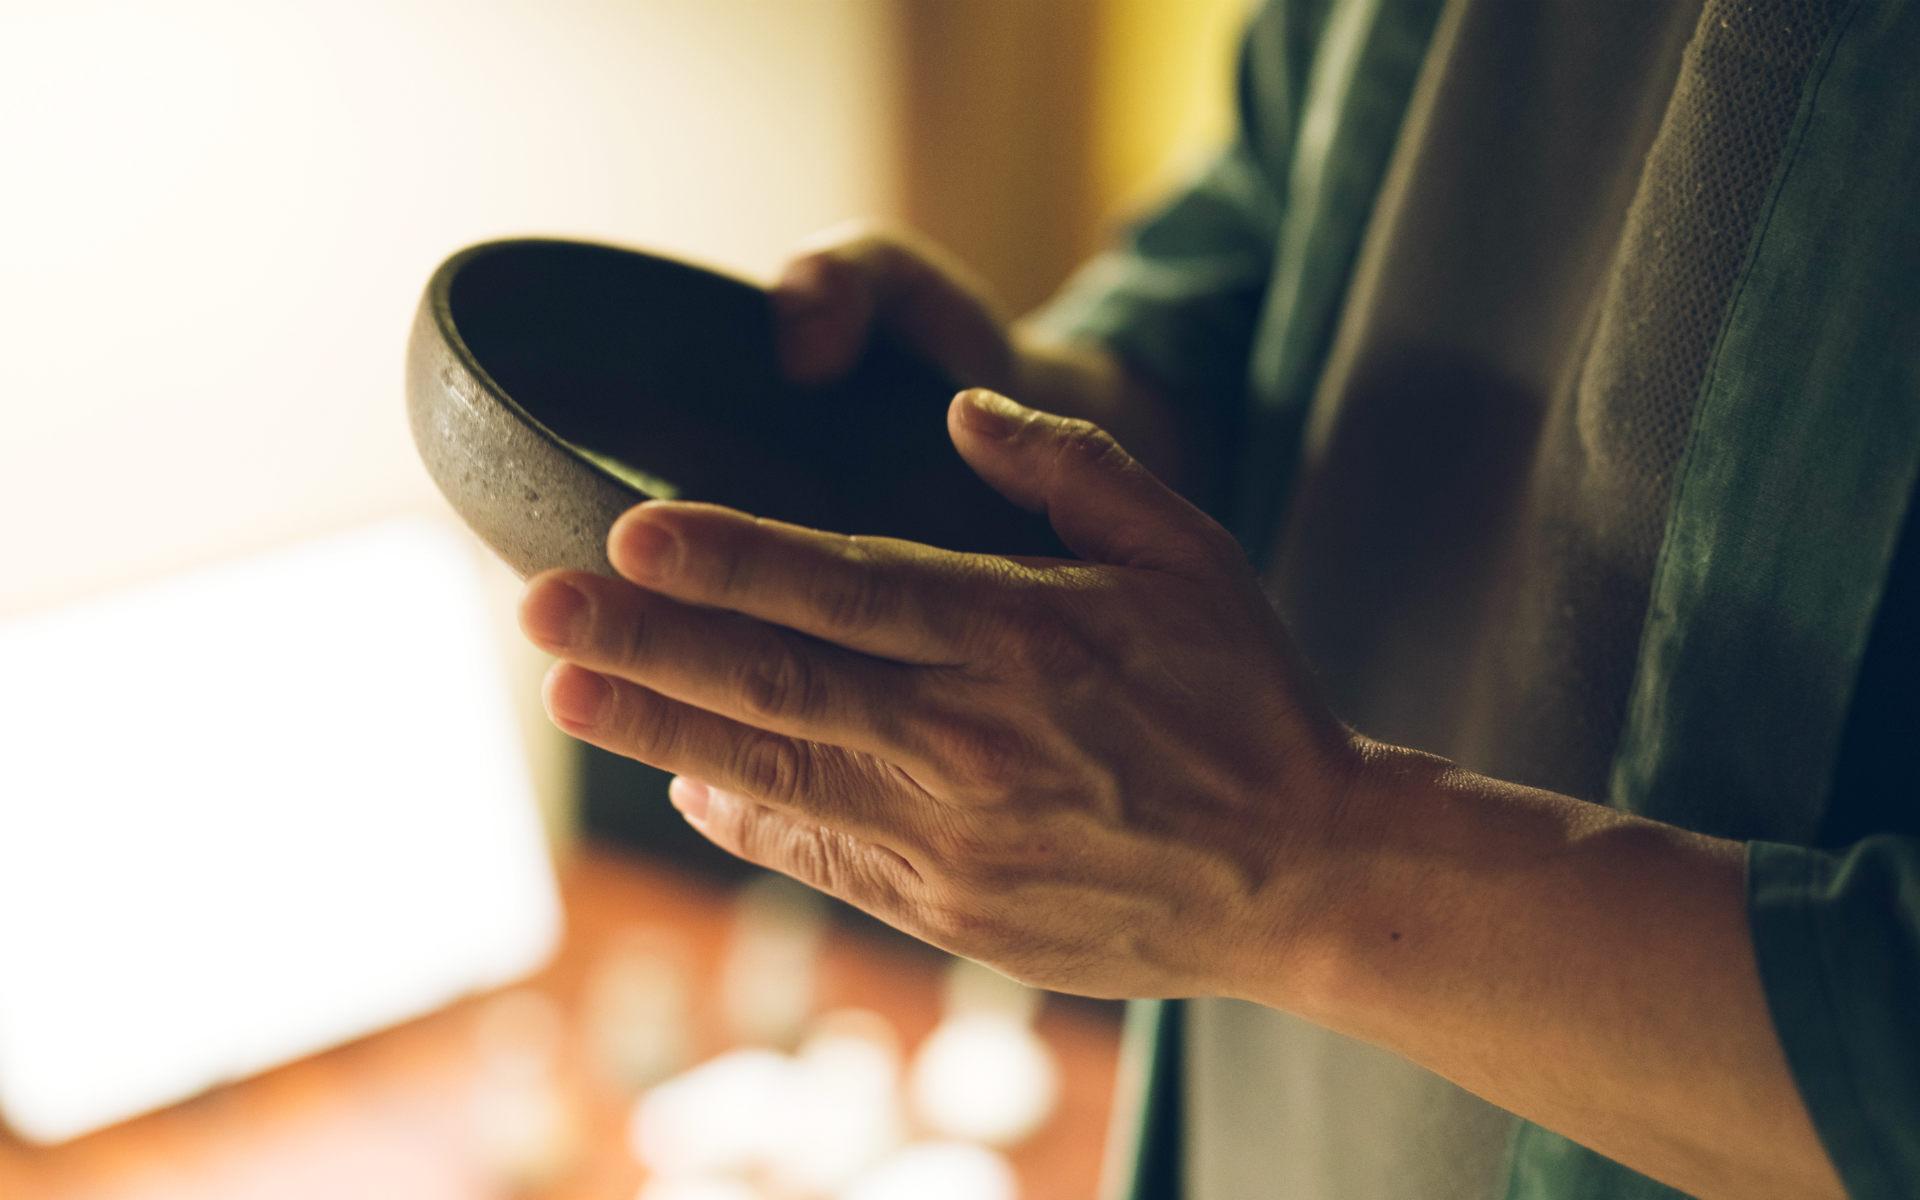 唐津の名宿「洋々閣」が、夕食に隆太窯のうつわしか使わない理由。